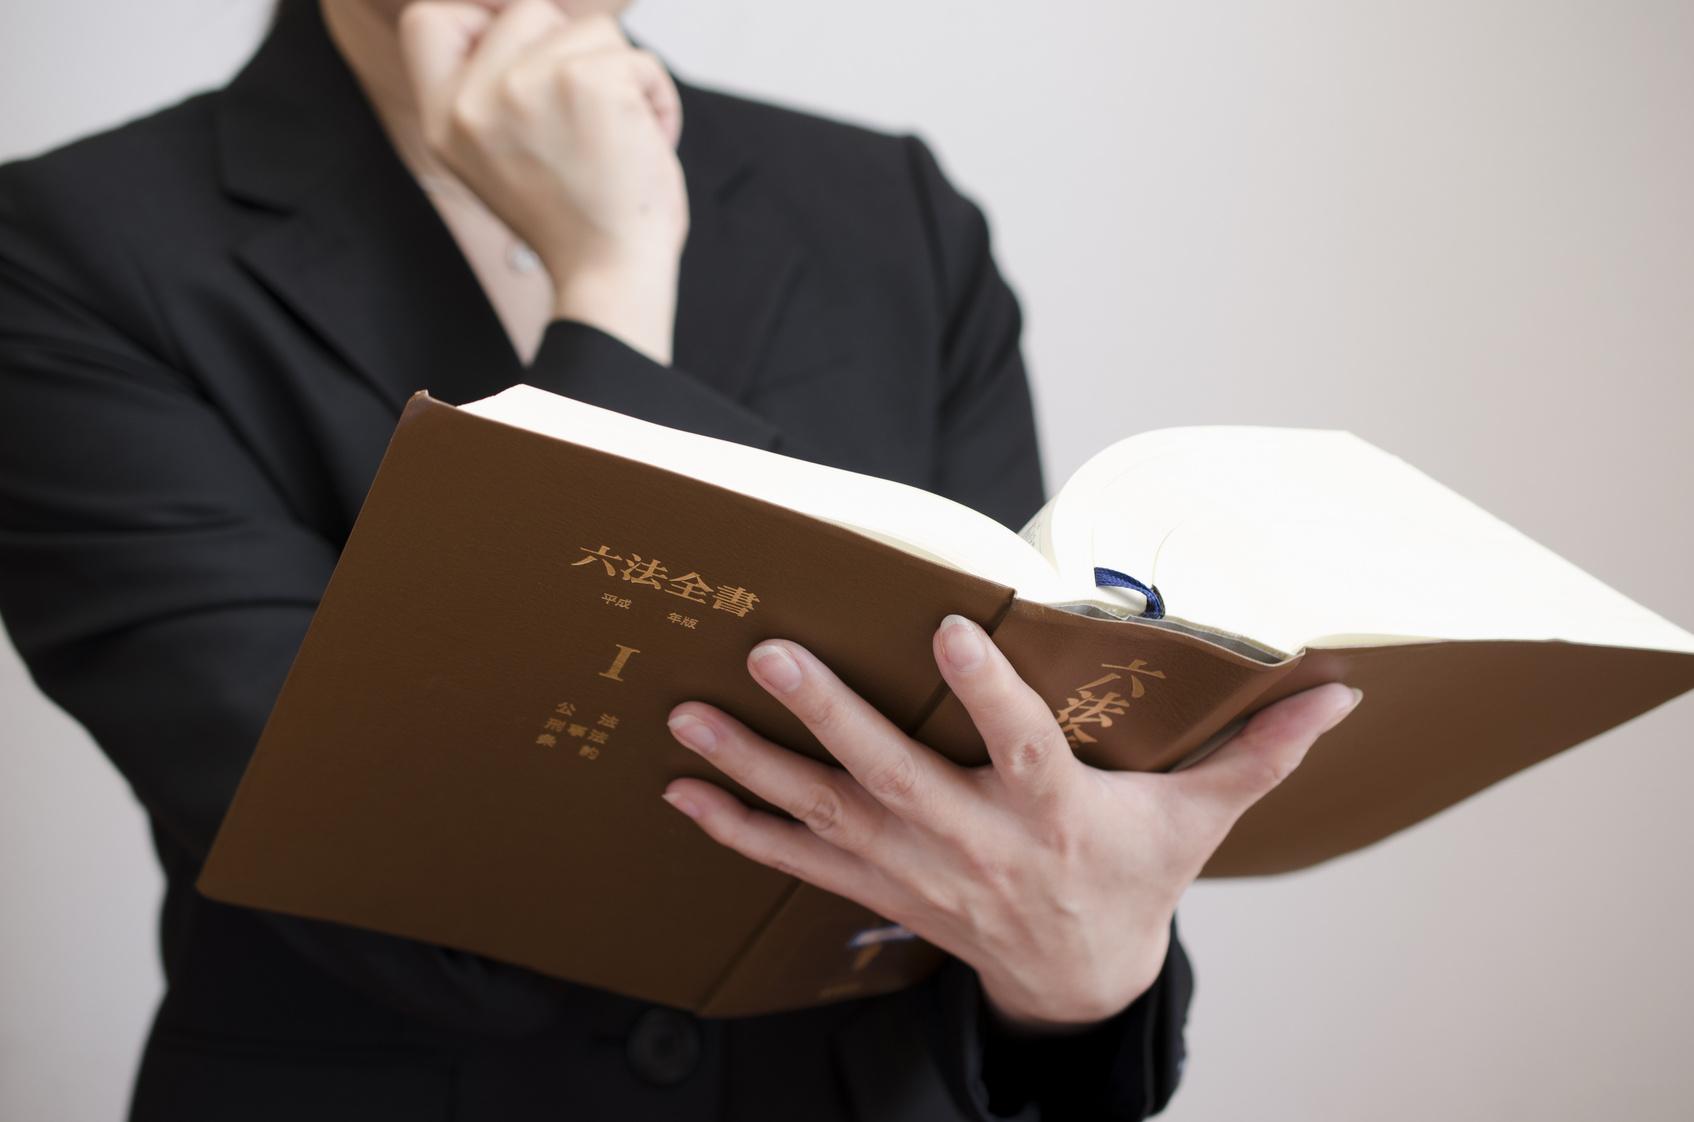 景品表示法違反(有利誤認)で葬儀紹介業事業者2社目の措置命令!